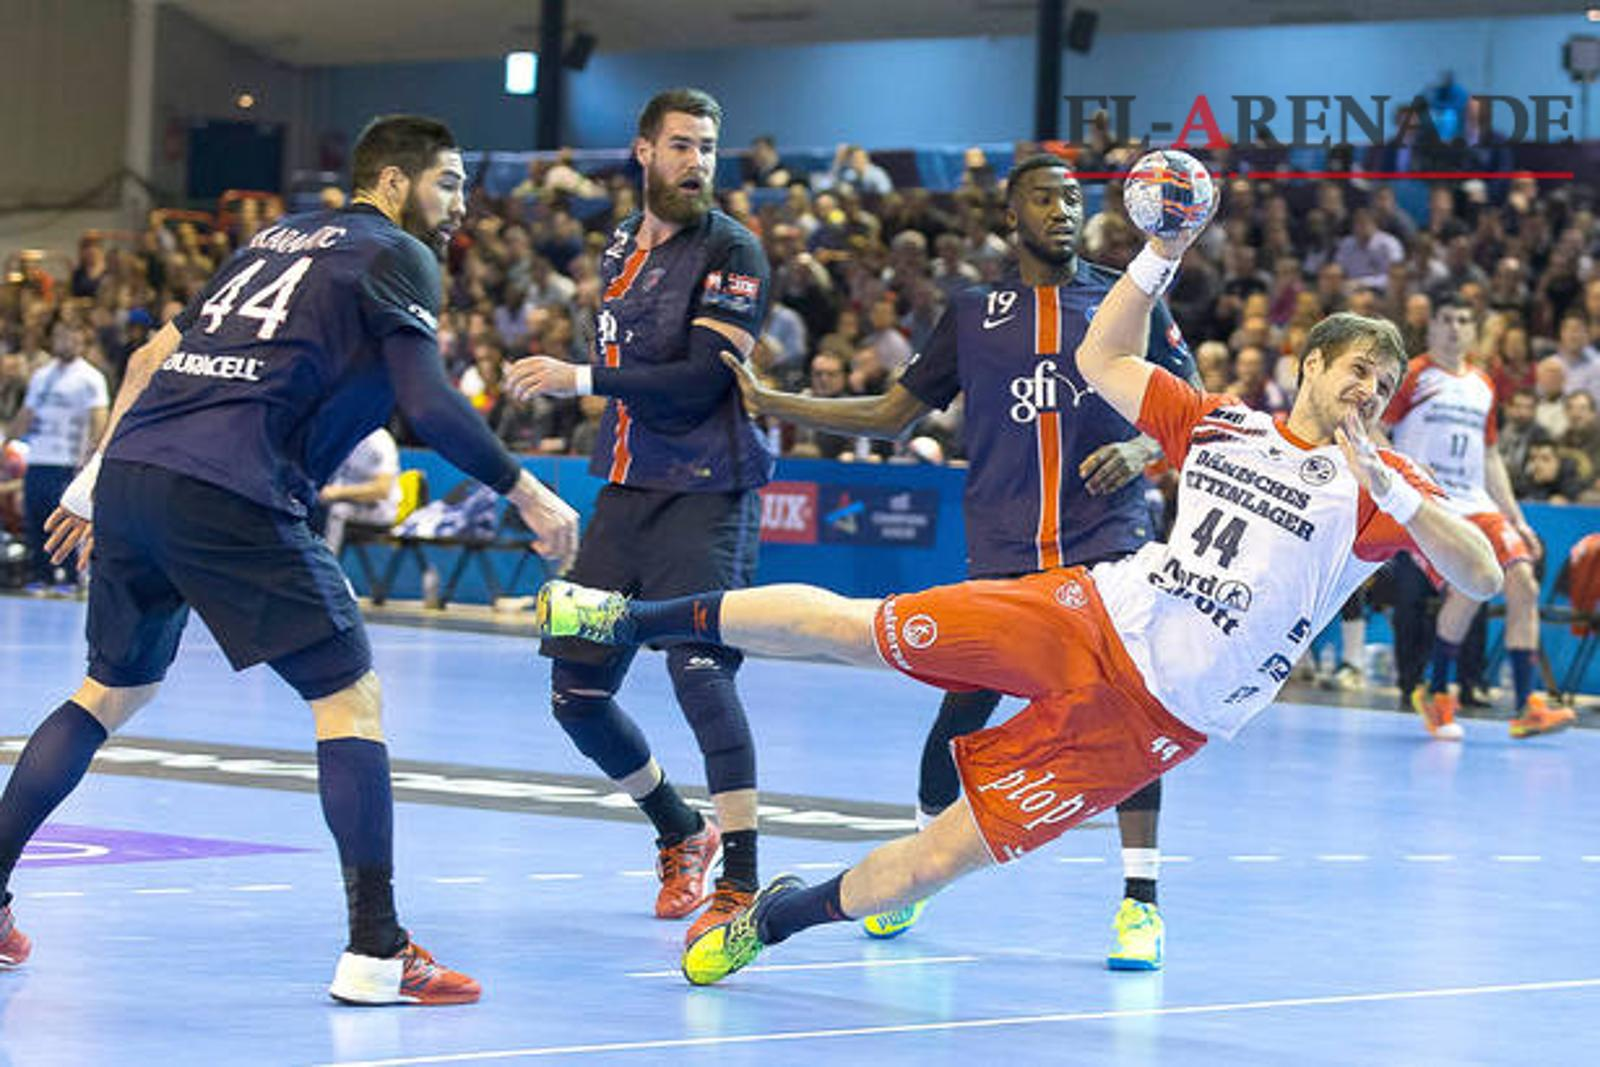 handball paris st germain